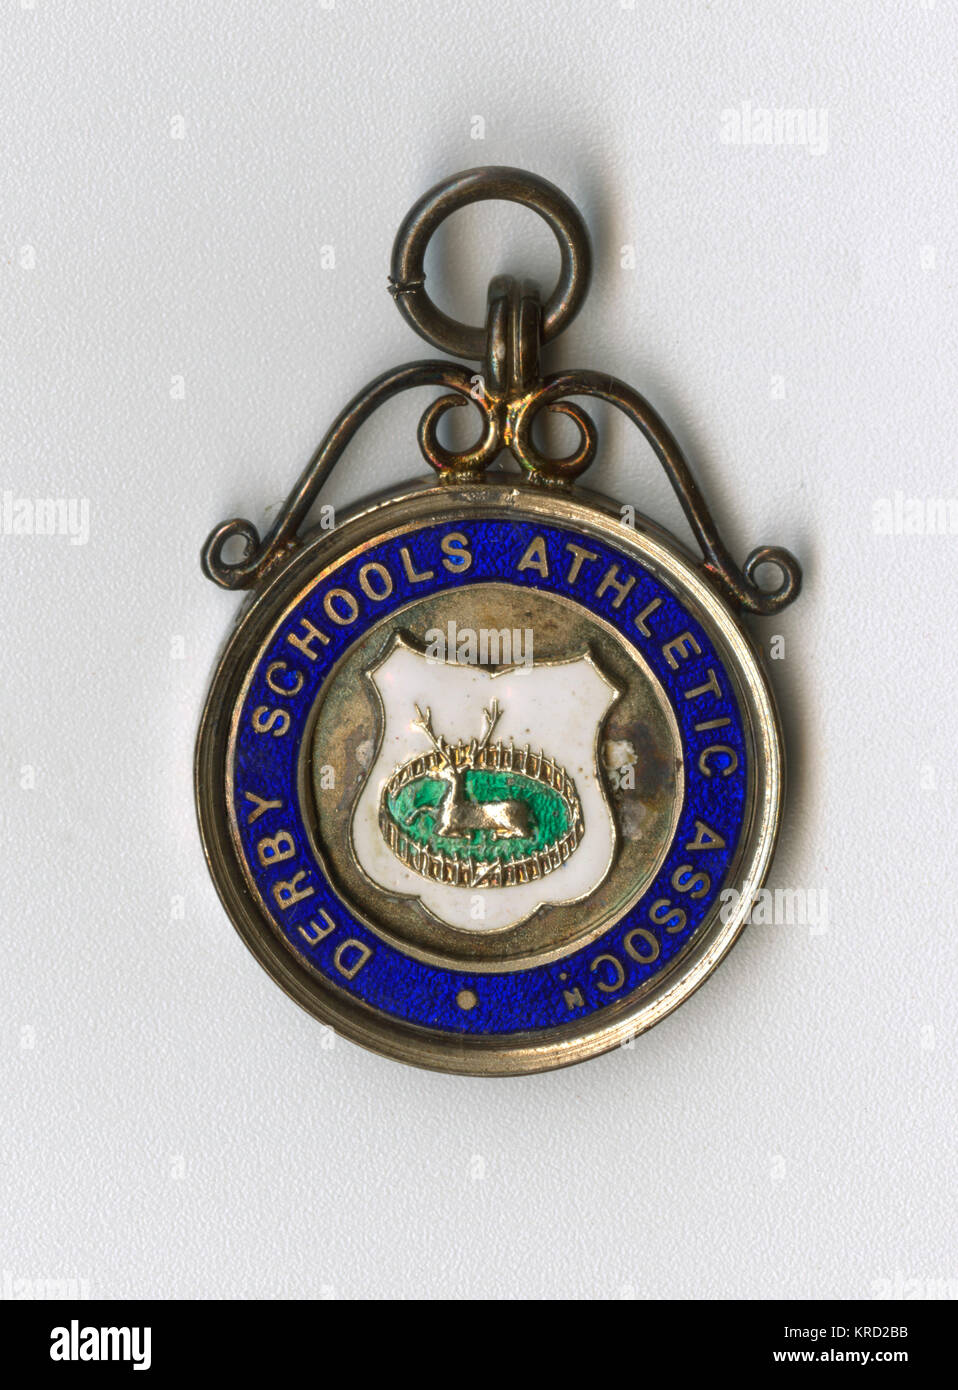 Medalla de la Asociación Atlética de escuelas de Derby, adjudicado a K. W. Watson para el primer premio Imagen De Stock